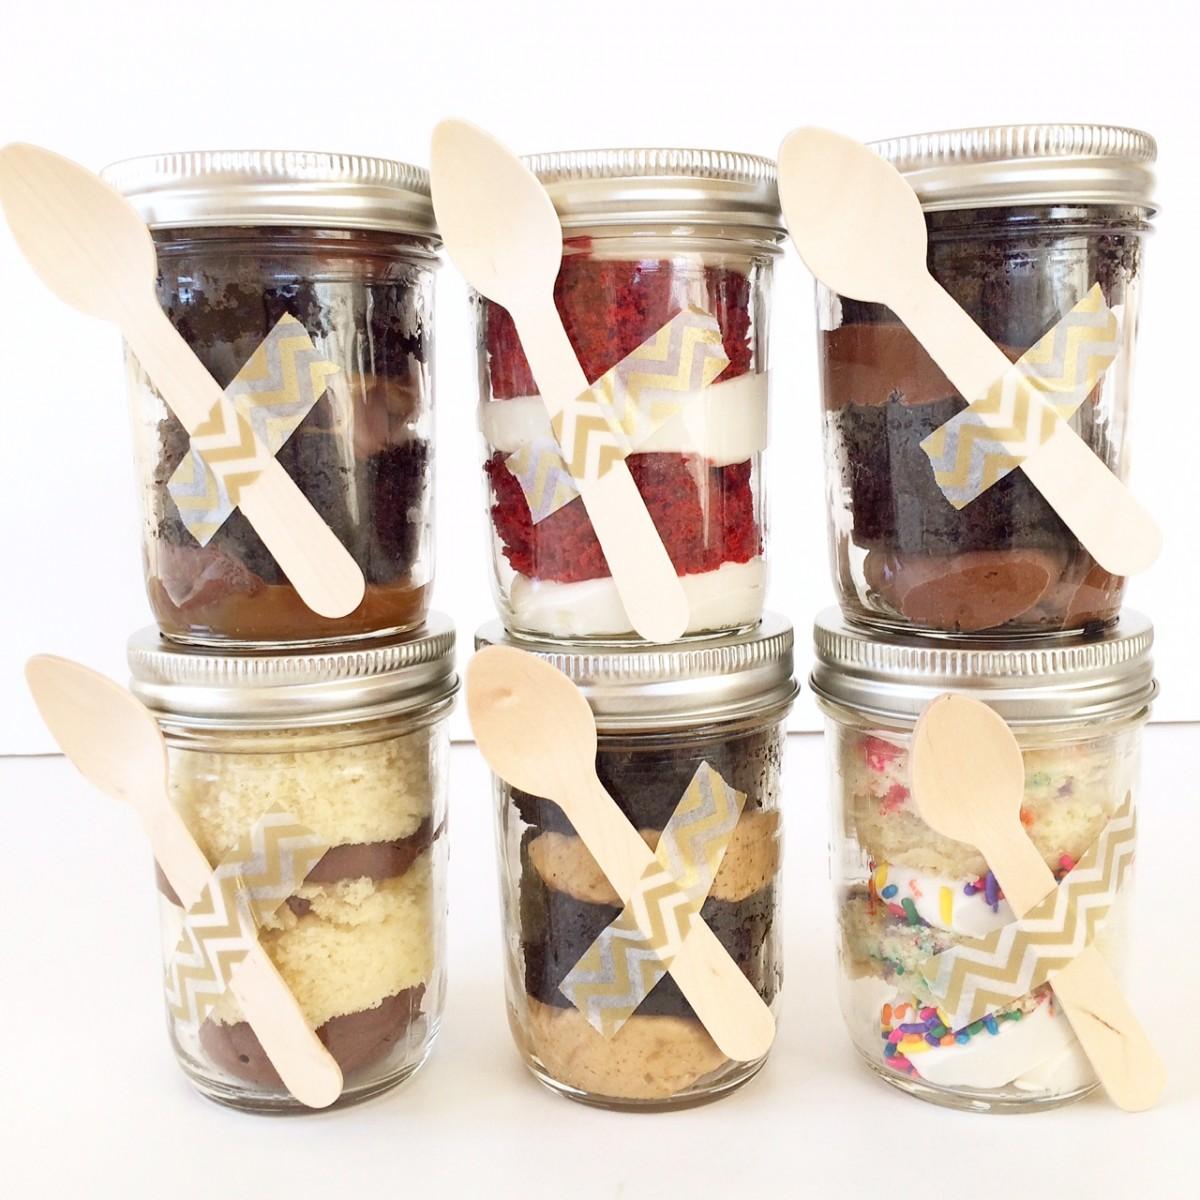 Weekly Menu: Cake Jars, S mookies & More! {June 1}